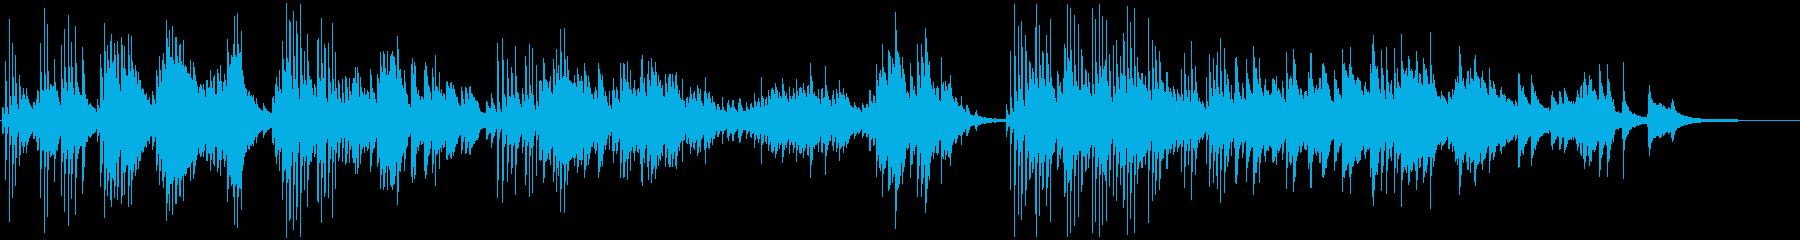 クラシックのピアノ演奏の悲しめの曲の再生済みの波形